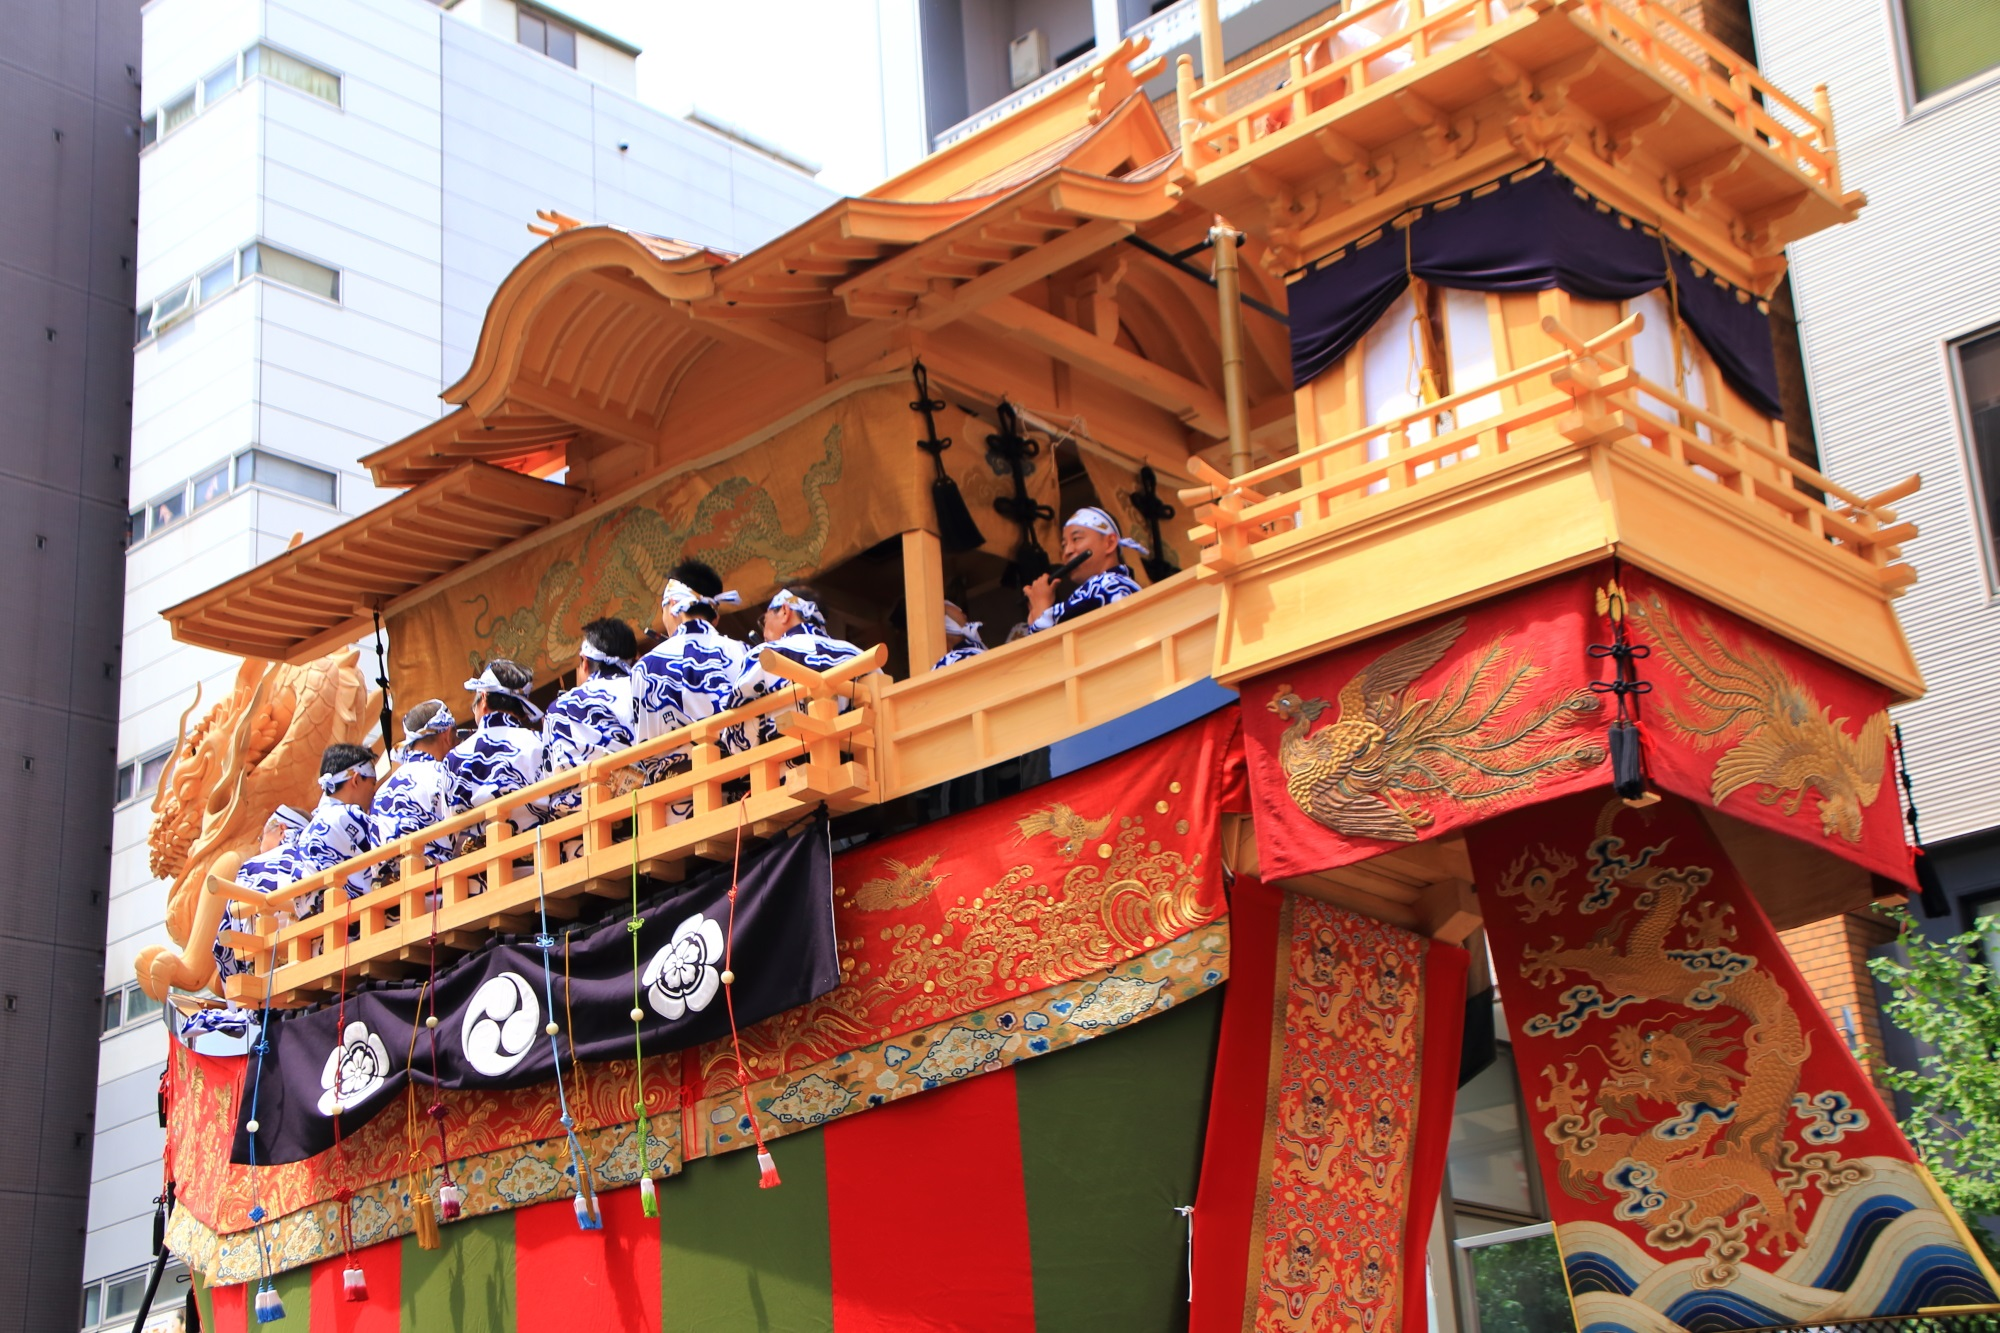 夏の風物詩の祇園祭後祭の山鉾巡行の人気の大船鉾